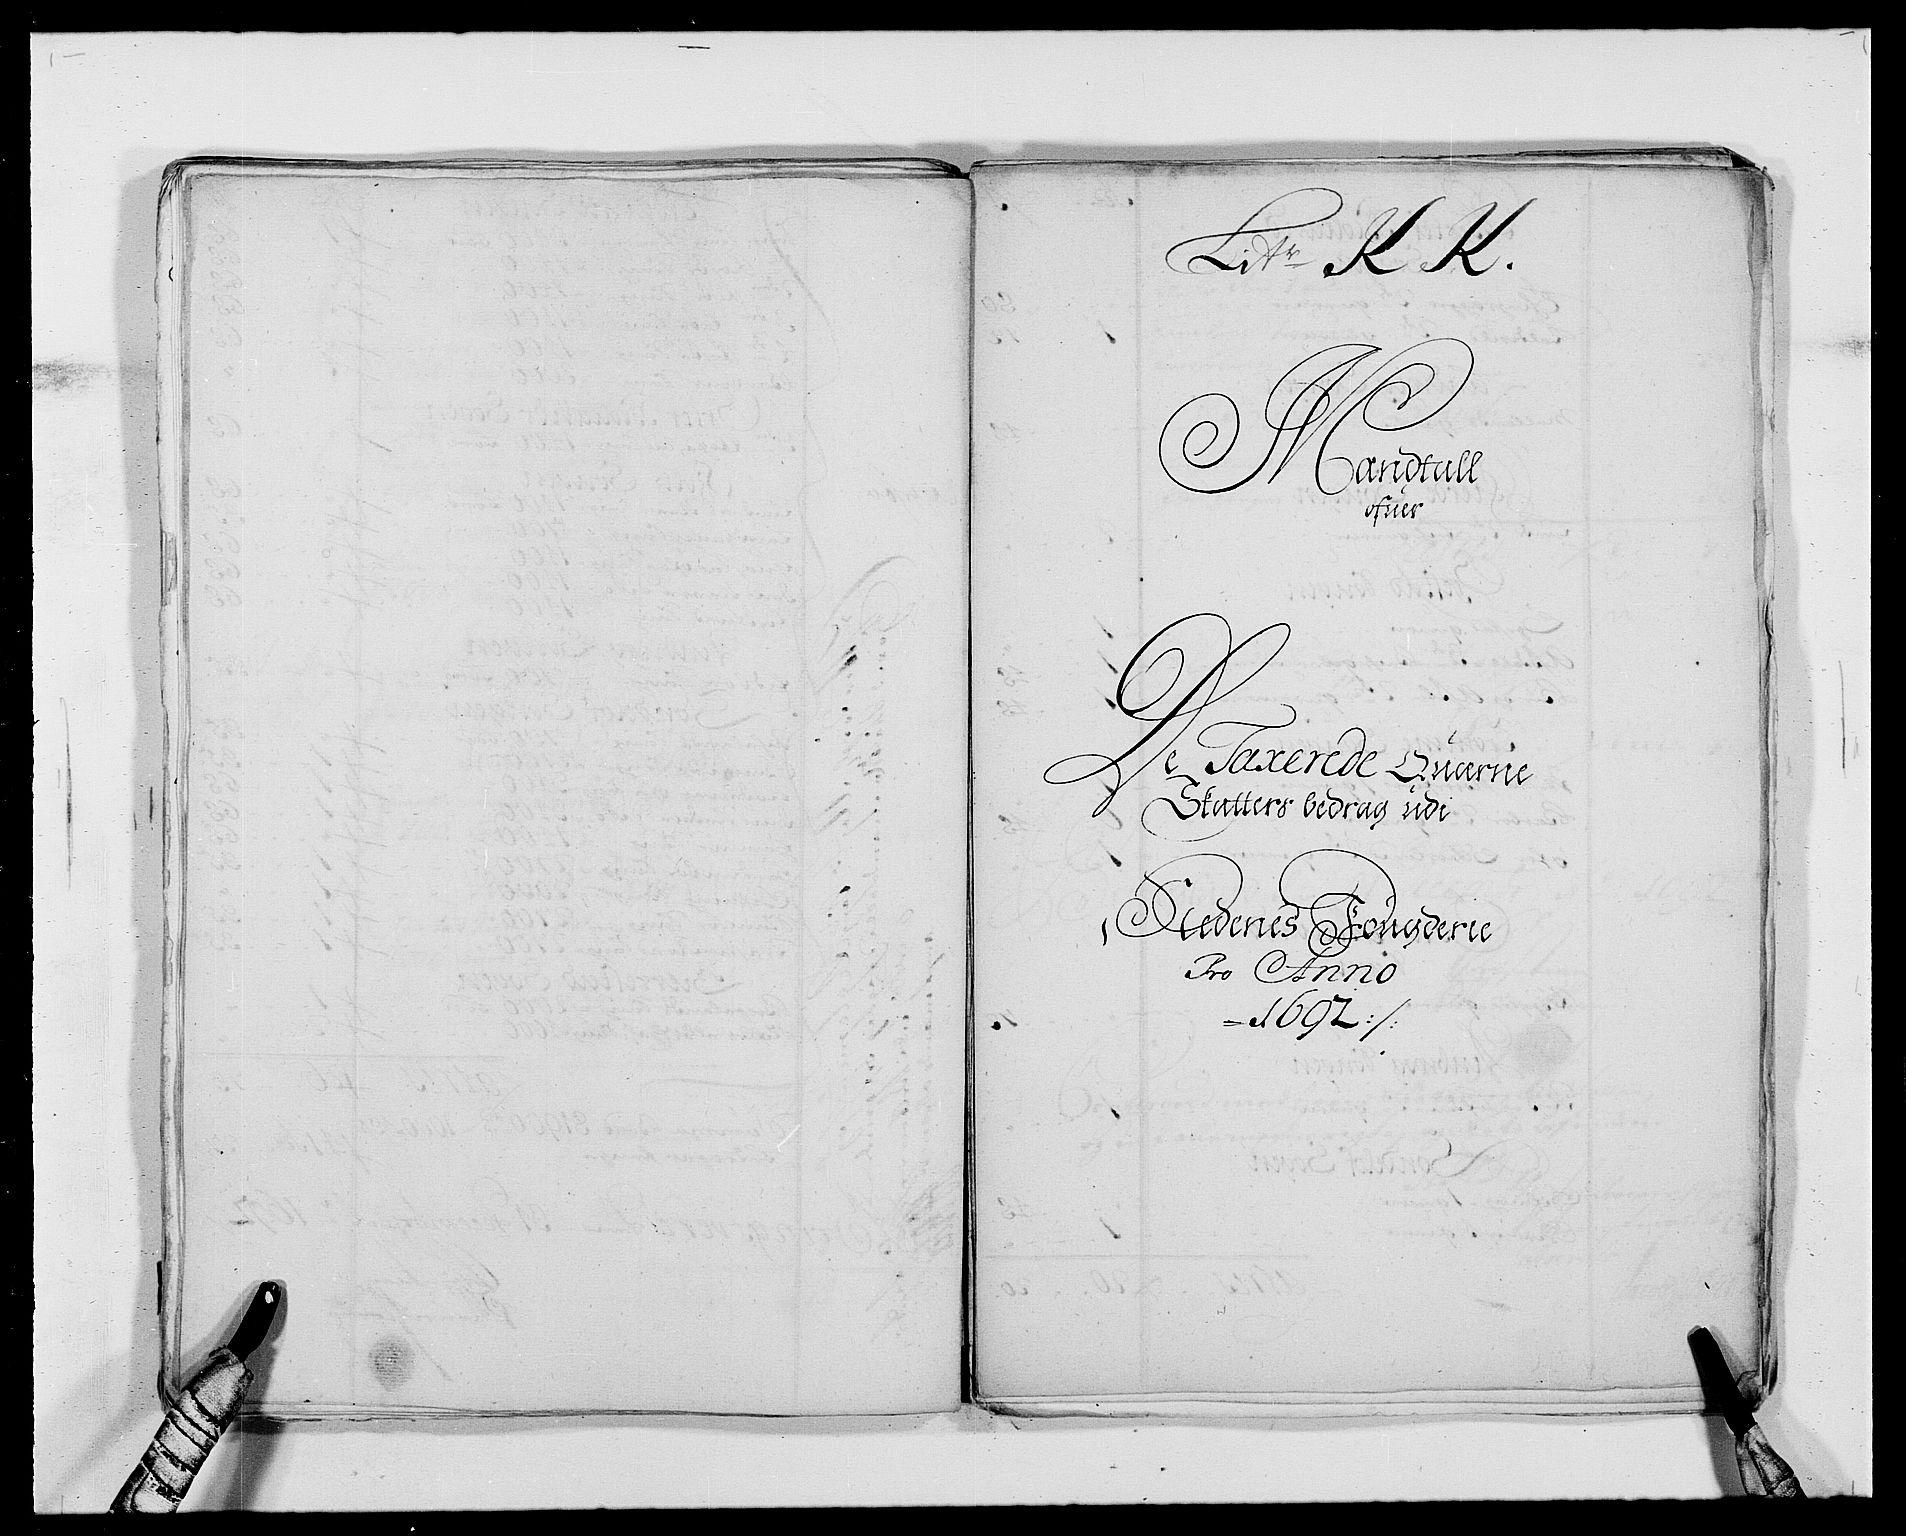 RA, Rentekammeret inntil 1814, Reviderte regnskaper, Fogderegnskap, R39/L2311: Fogderegnskap Nedenes, 1690-1692, s. 228